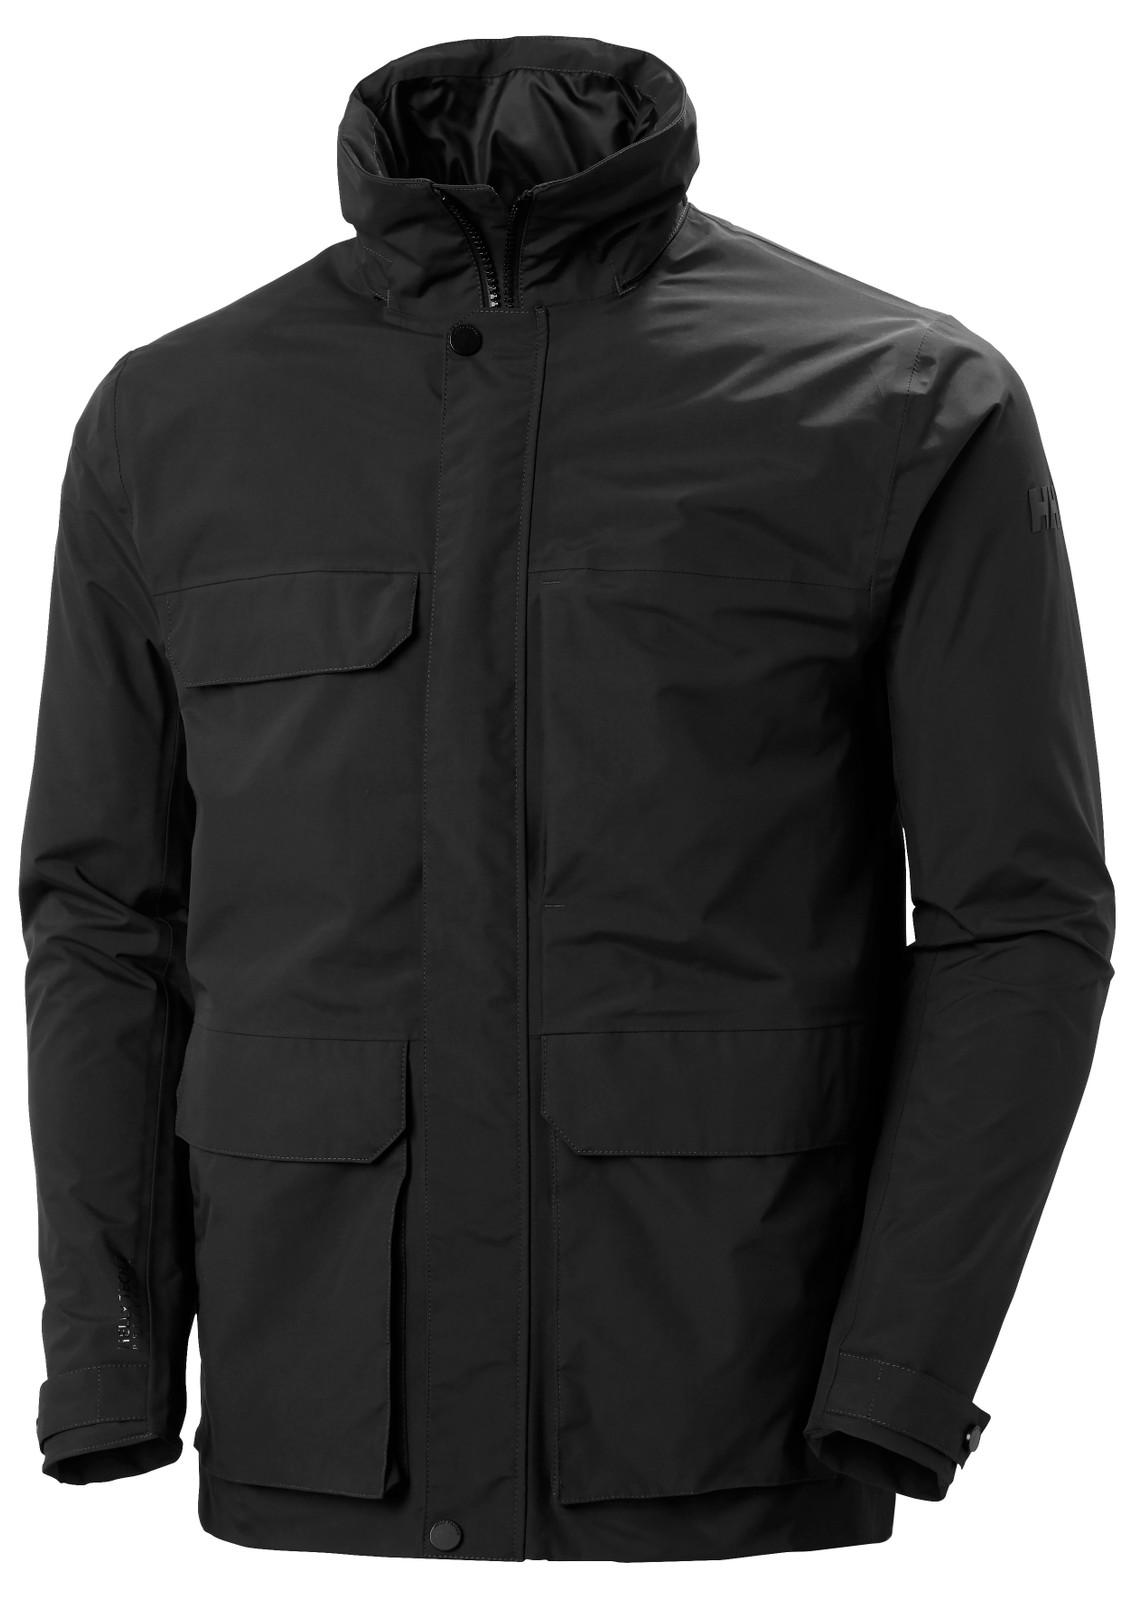 Helly Hansen Utility Rain Jacket, Men's - Black, 53415-990